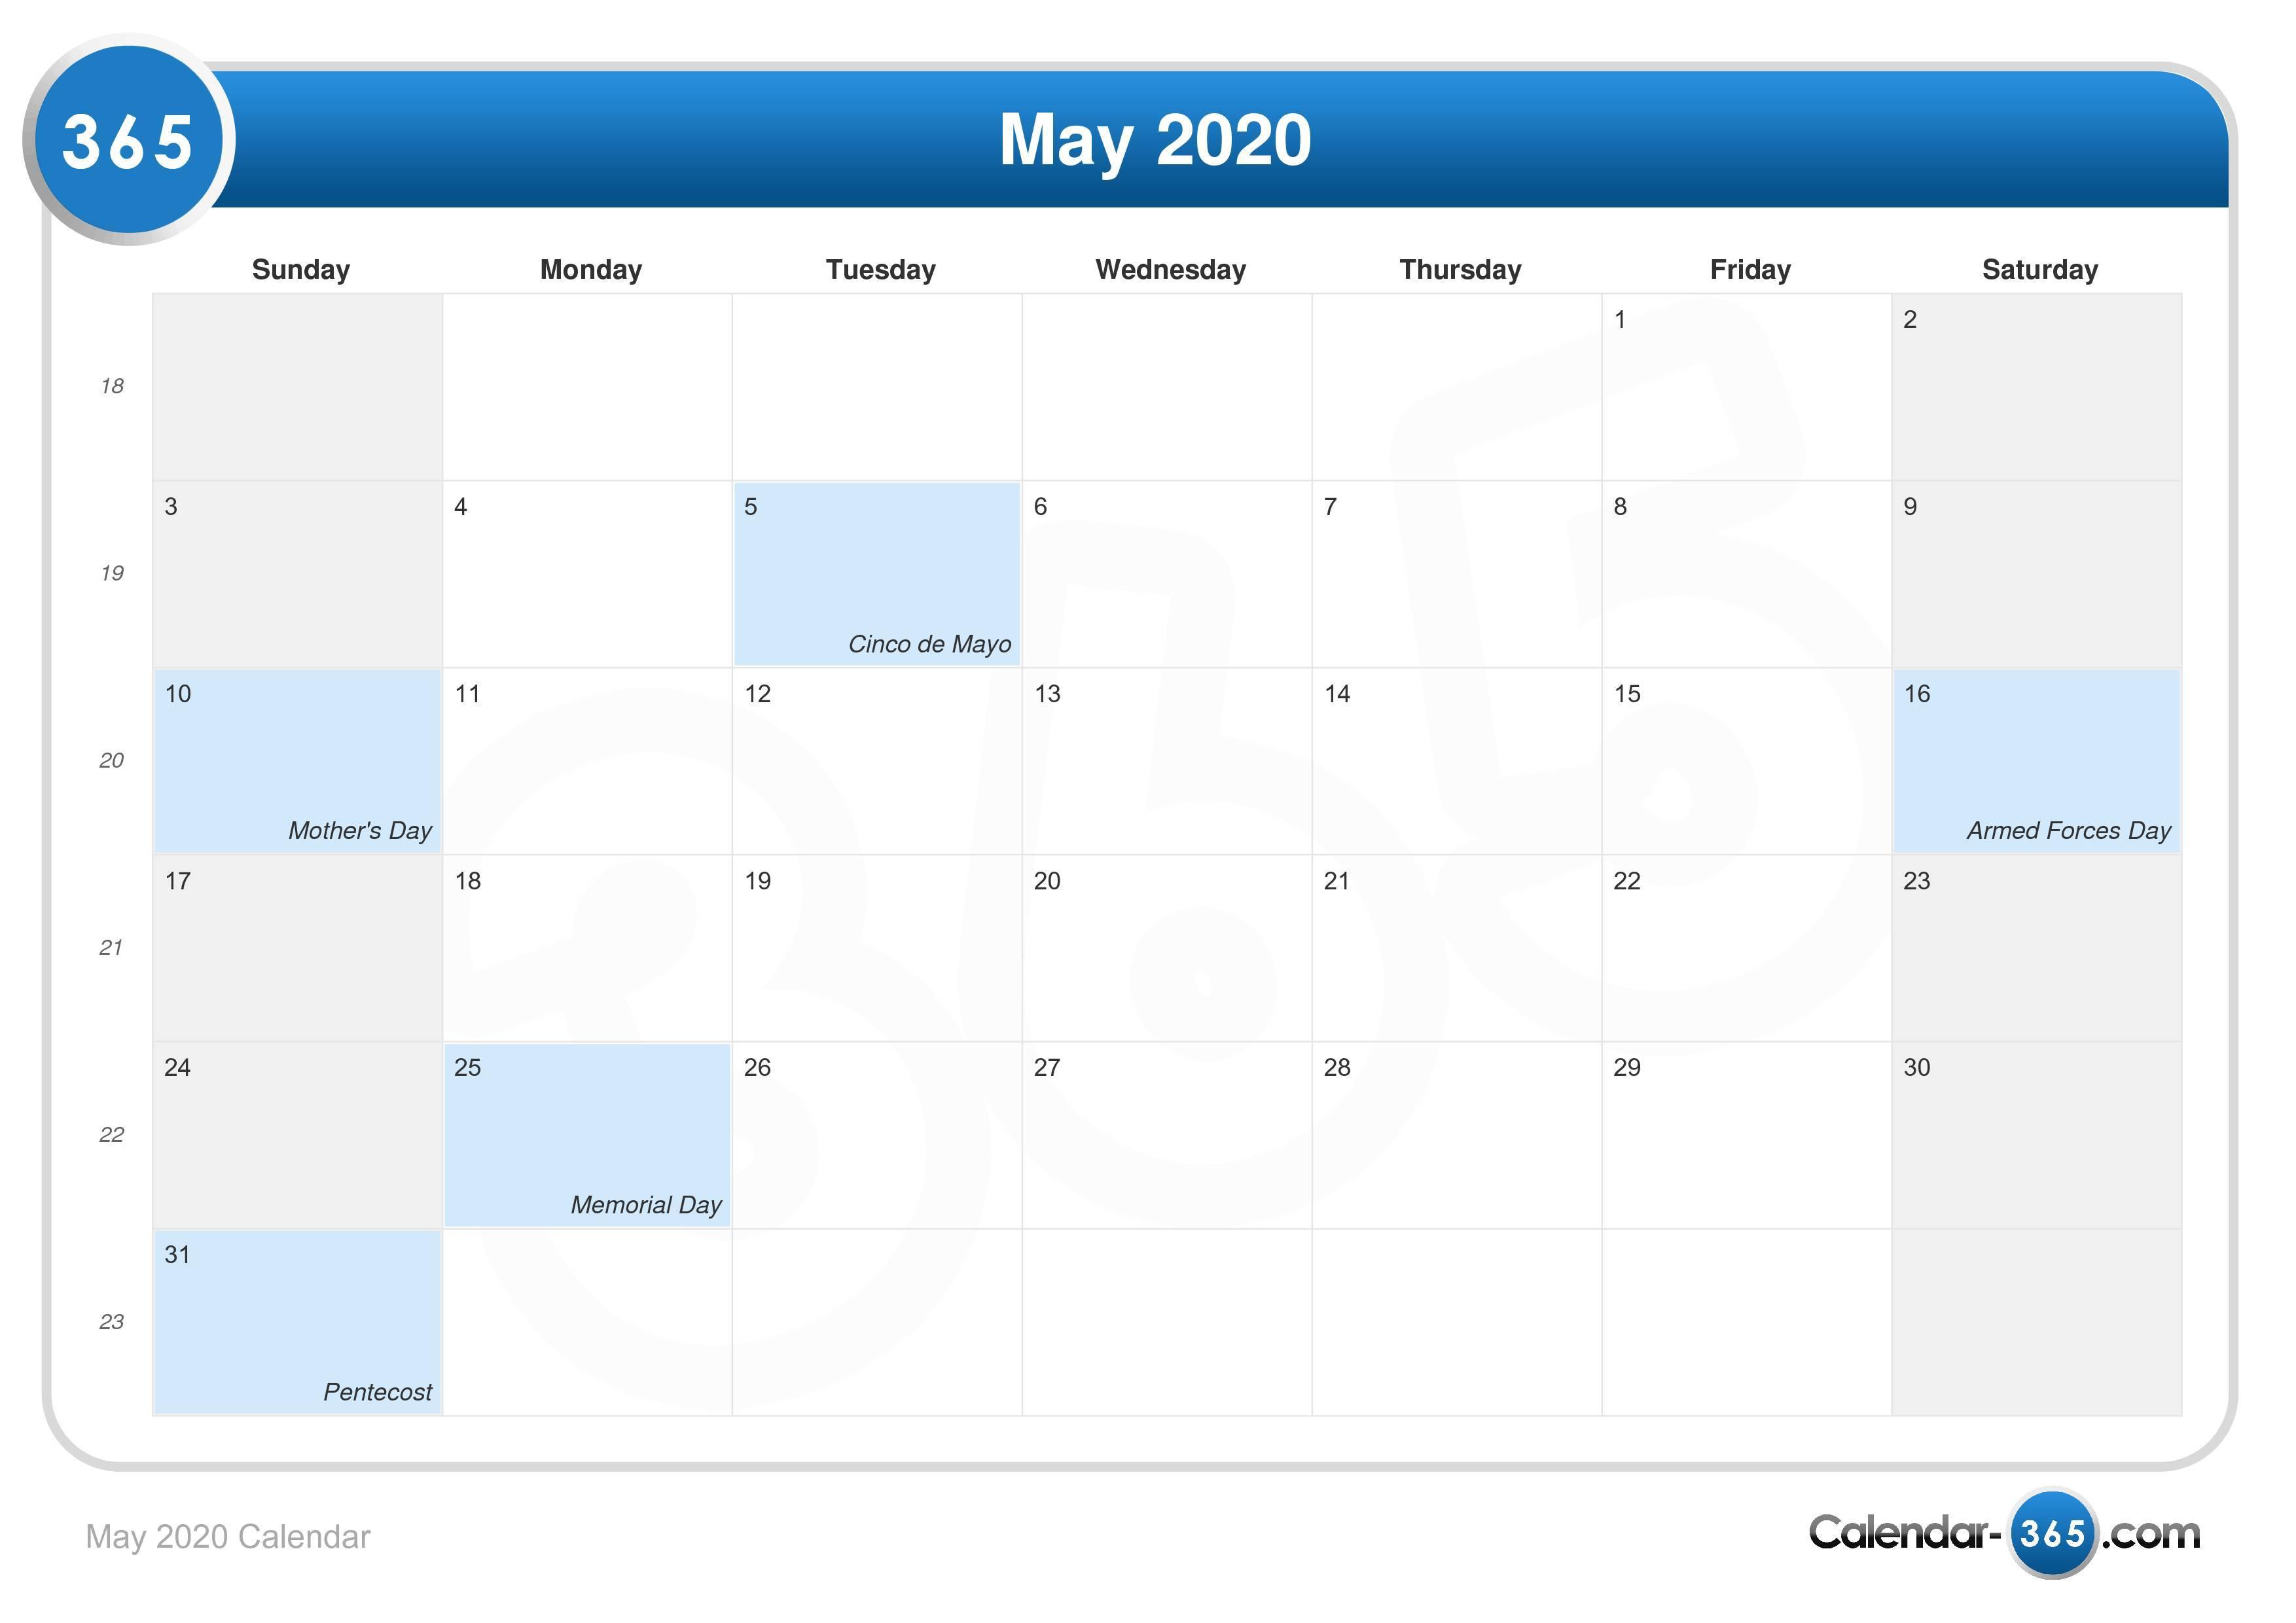 2020 Calendar May May 2020 Calendar